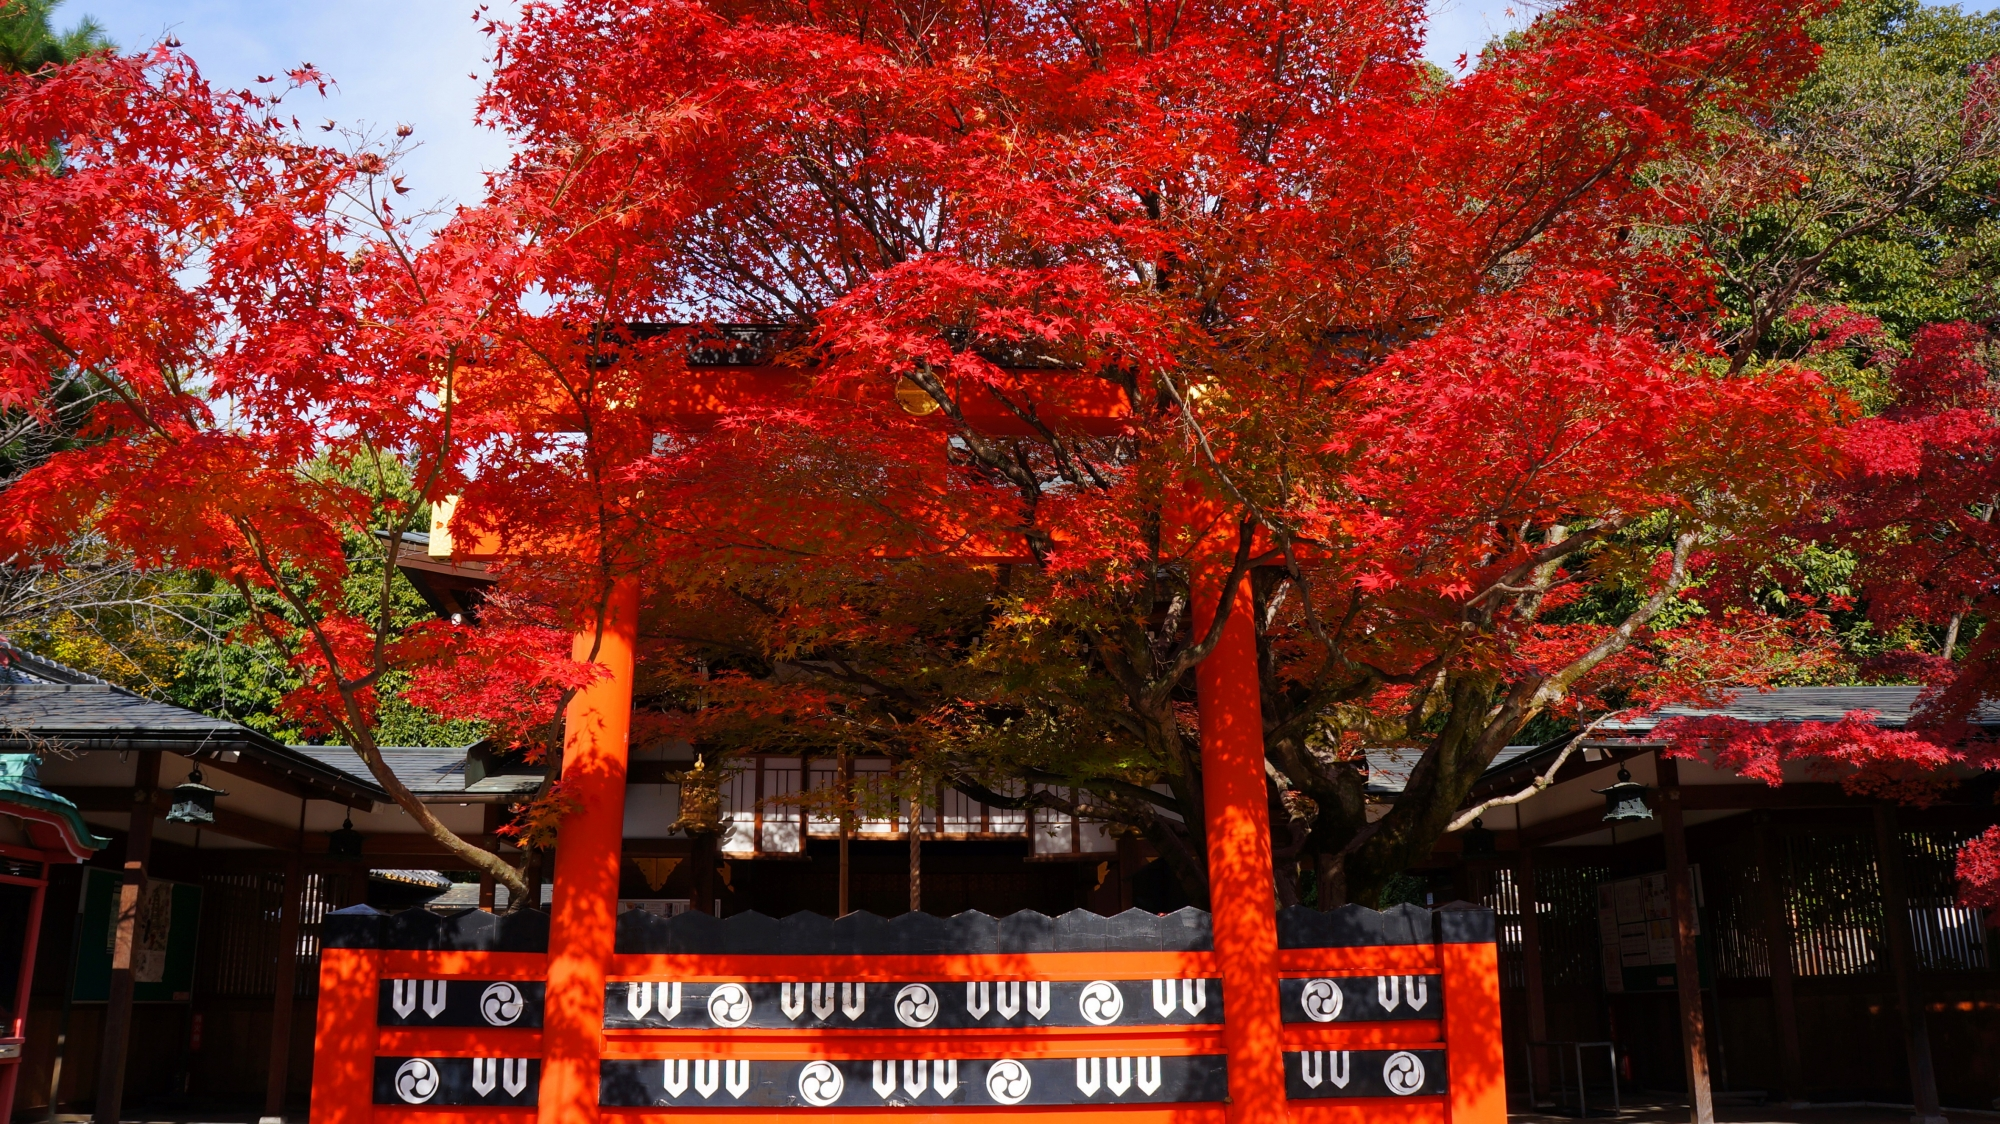 赤い鳥居に良く似合う真紅の紅葉